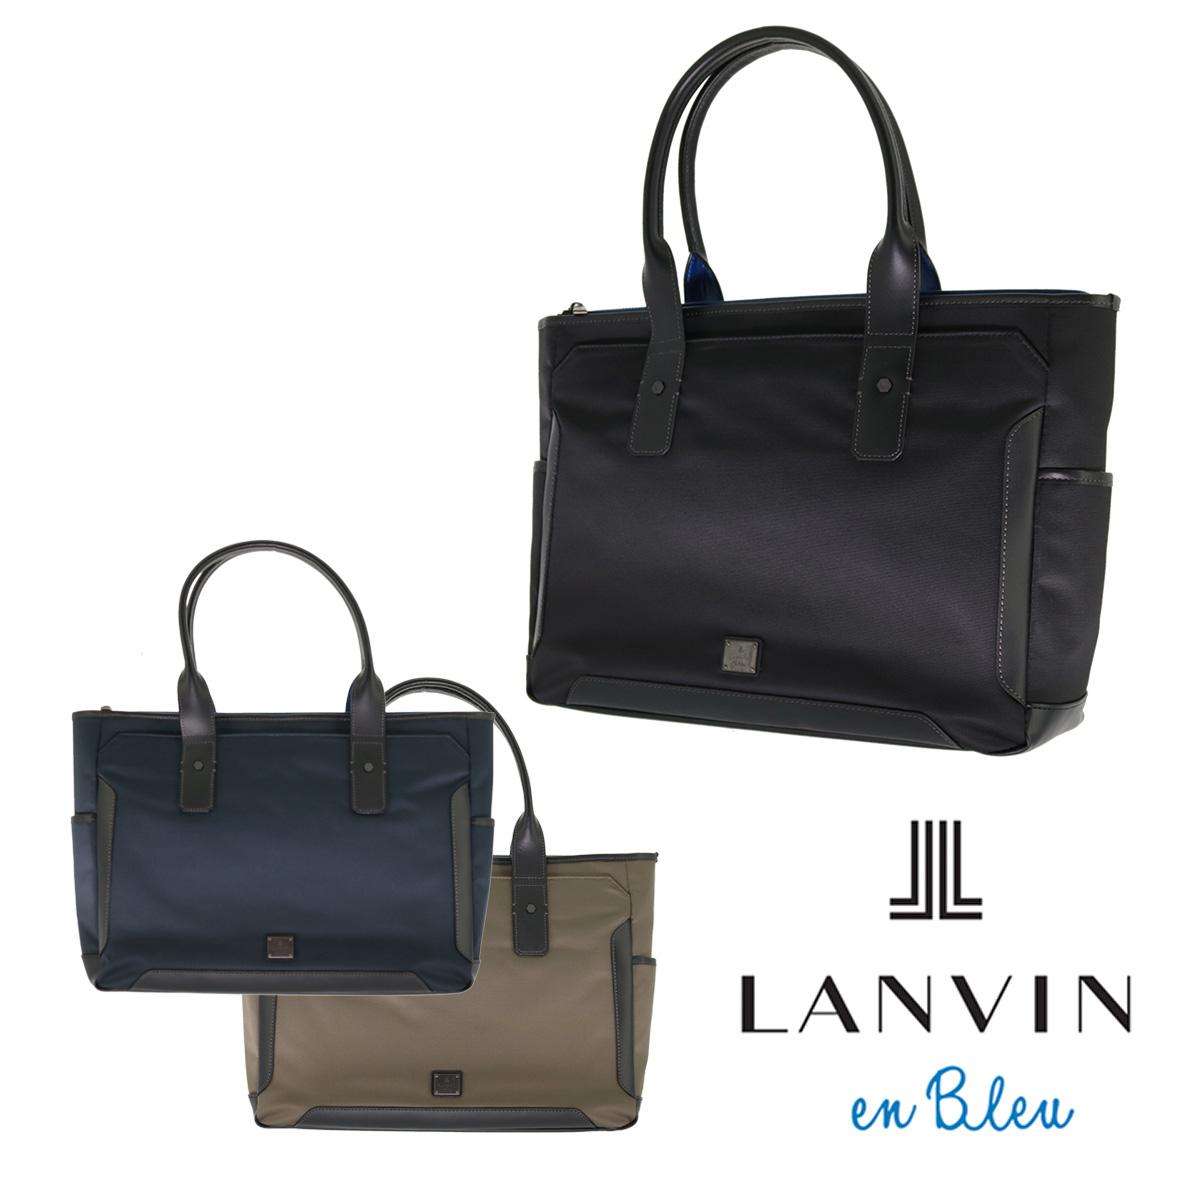 ランバンオンブルー トートバッグ サイド 571512 LANVIN en Bleu ビジネスバッグ キャリーセットアップ ポリエステル メンズ[bef]